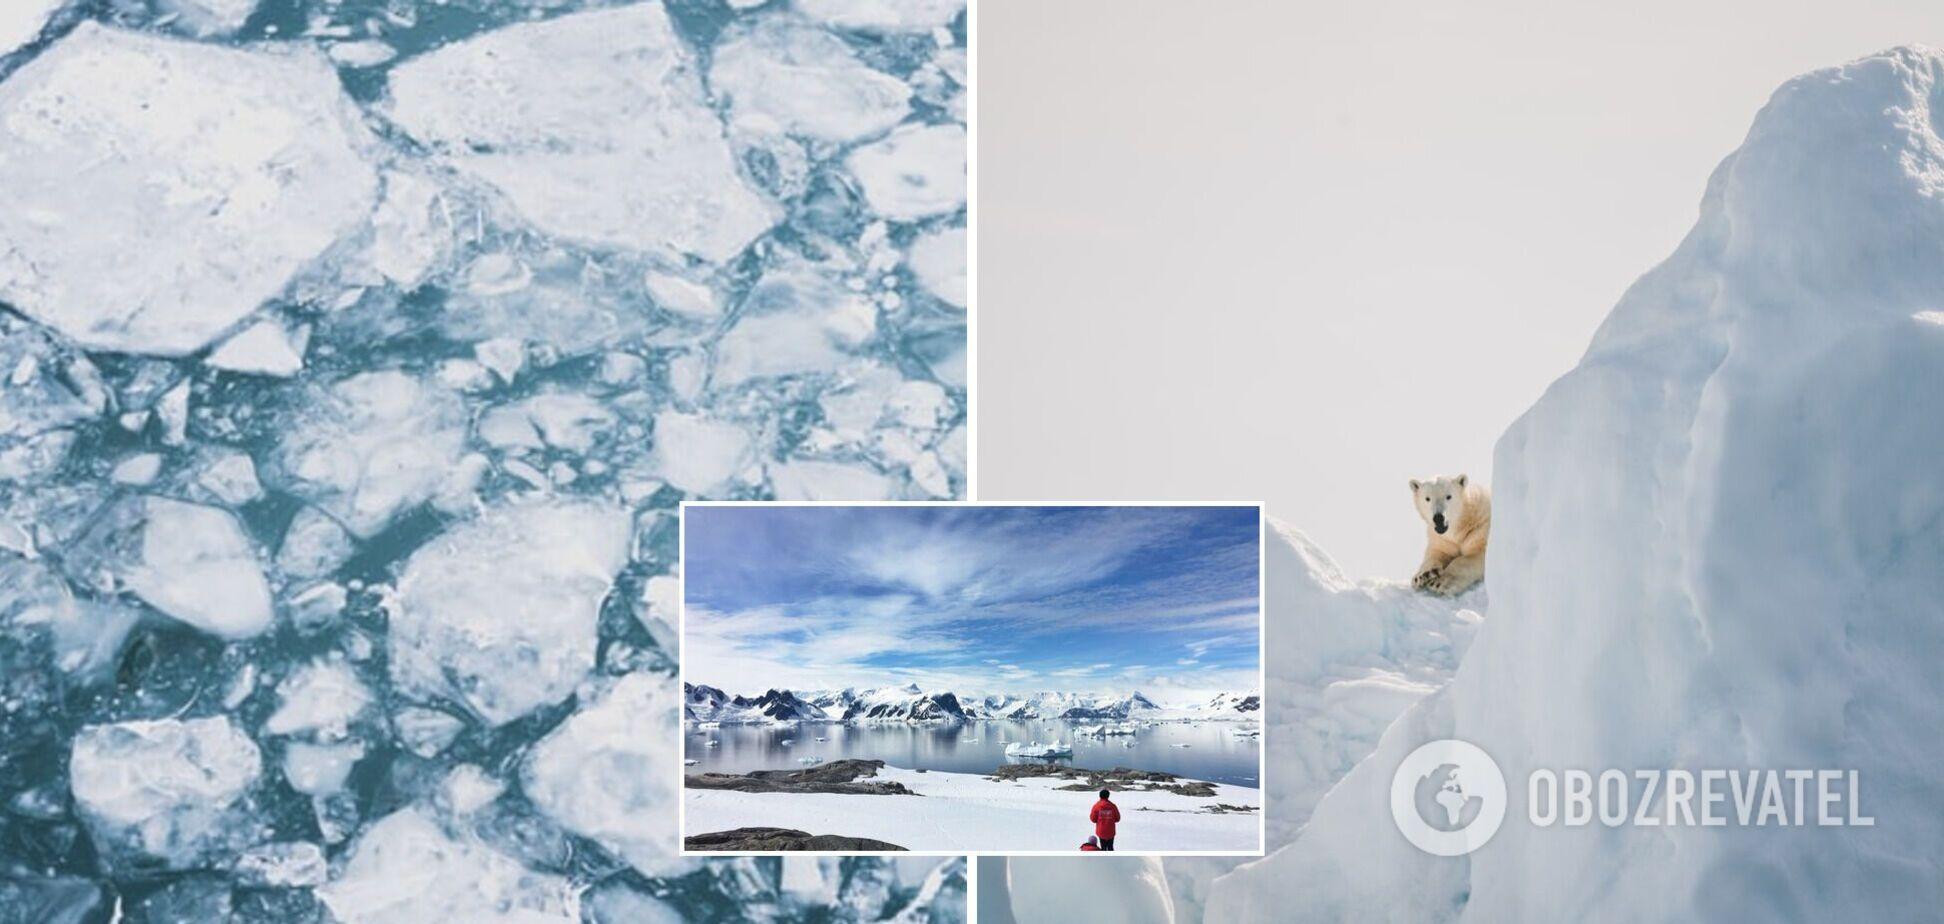 Таяние вечной мерзлоты в Арктике может привести к выбросу радиоактивных отходов – исследователи